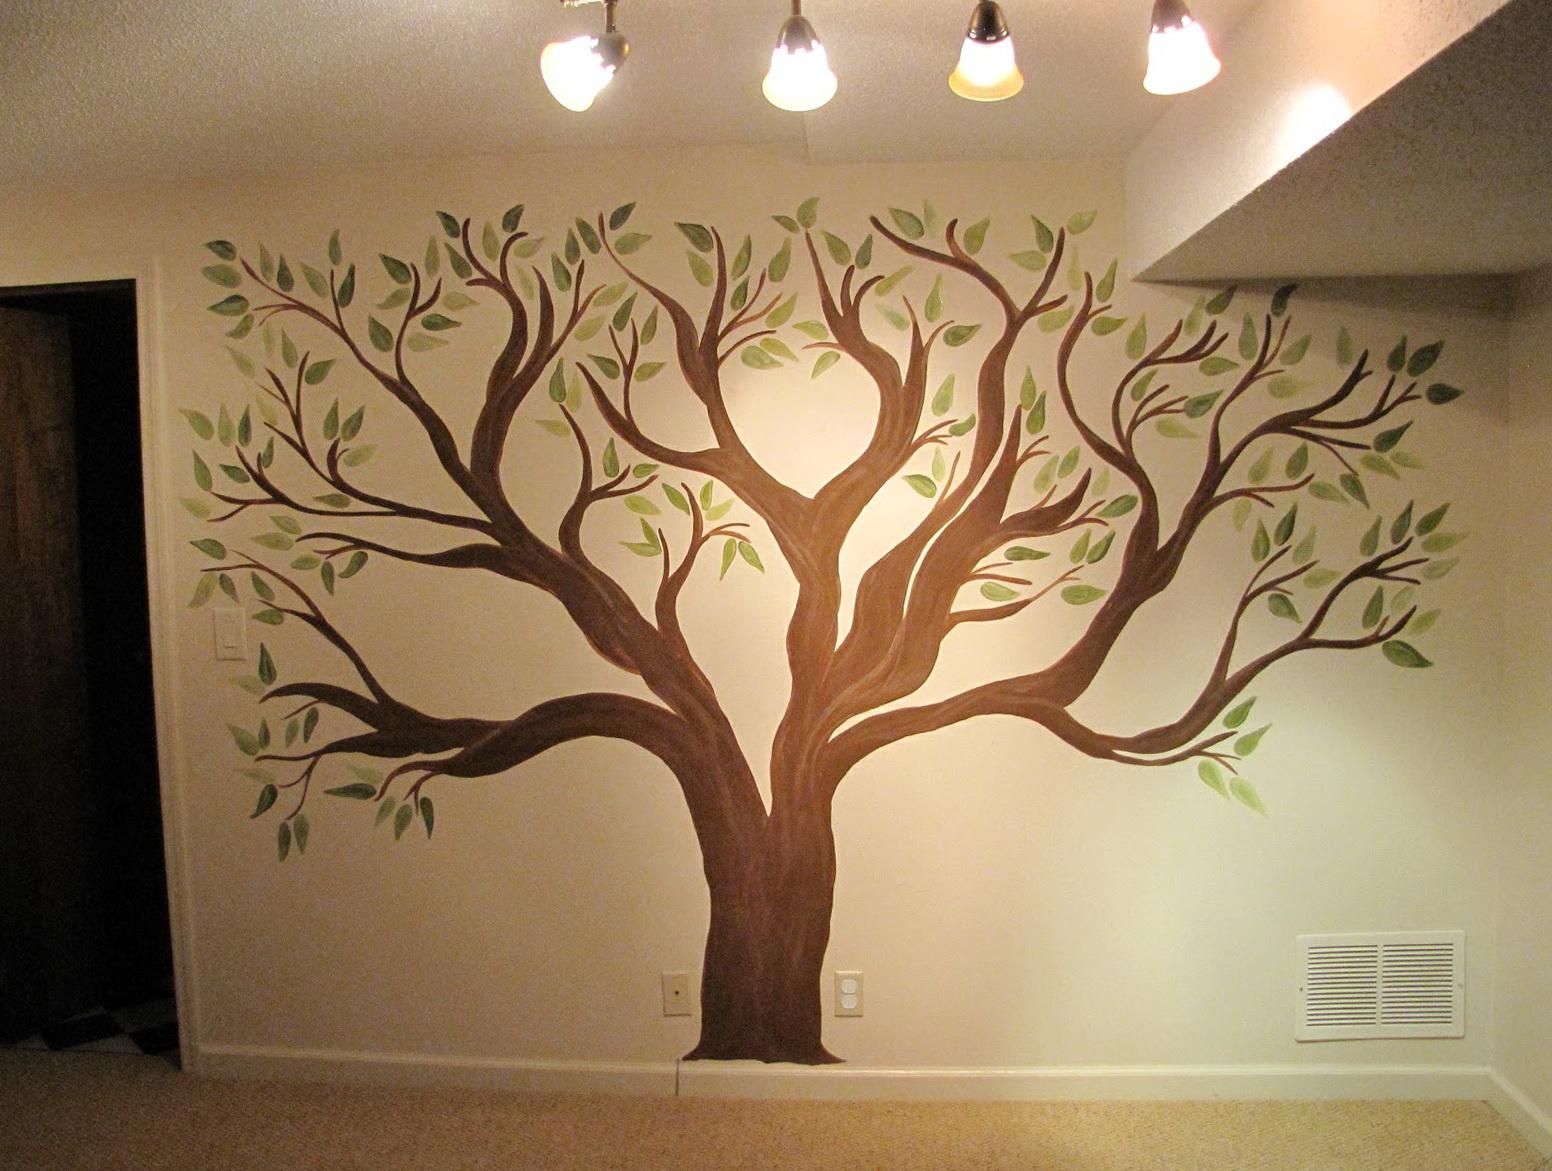 Wall Art Ideas Tree